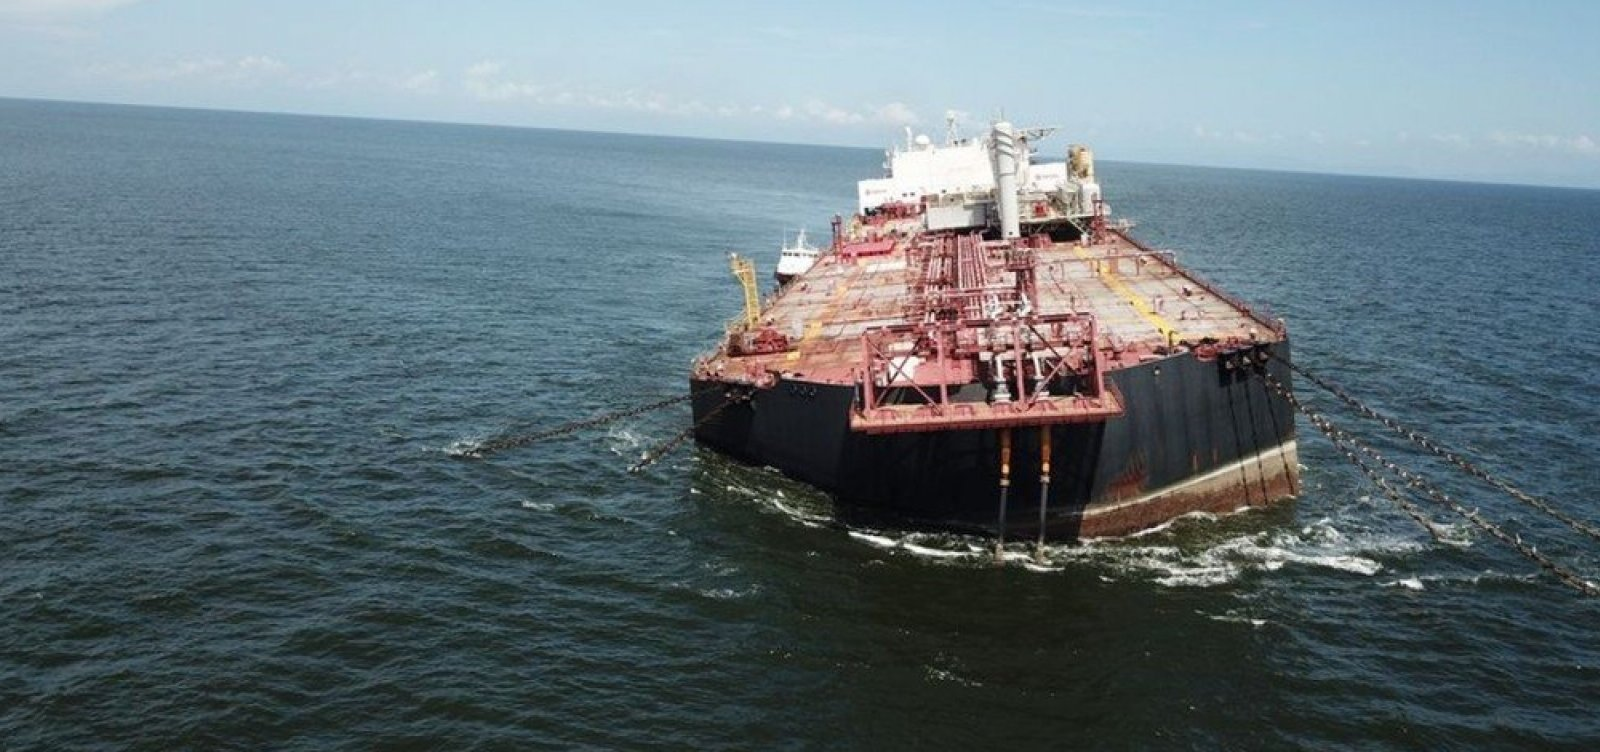 [Navio com mais 1 milhão de barris de petróleos corre risco de naufragar na Venezuela ]